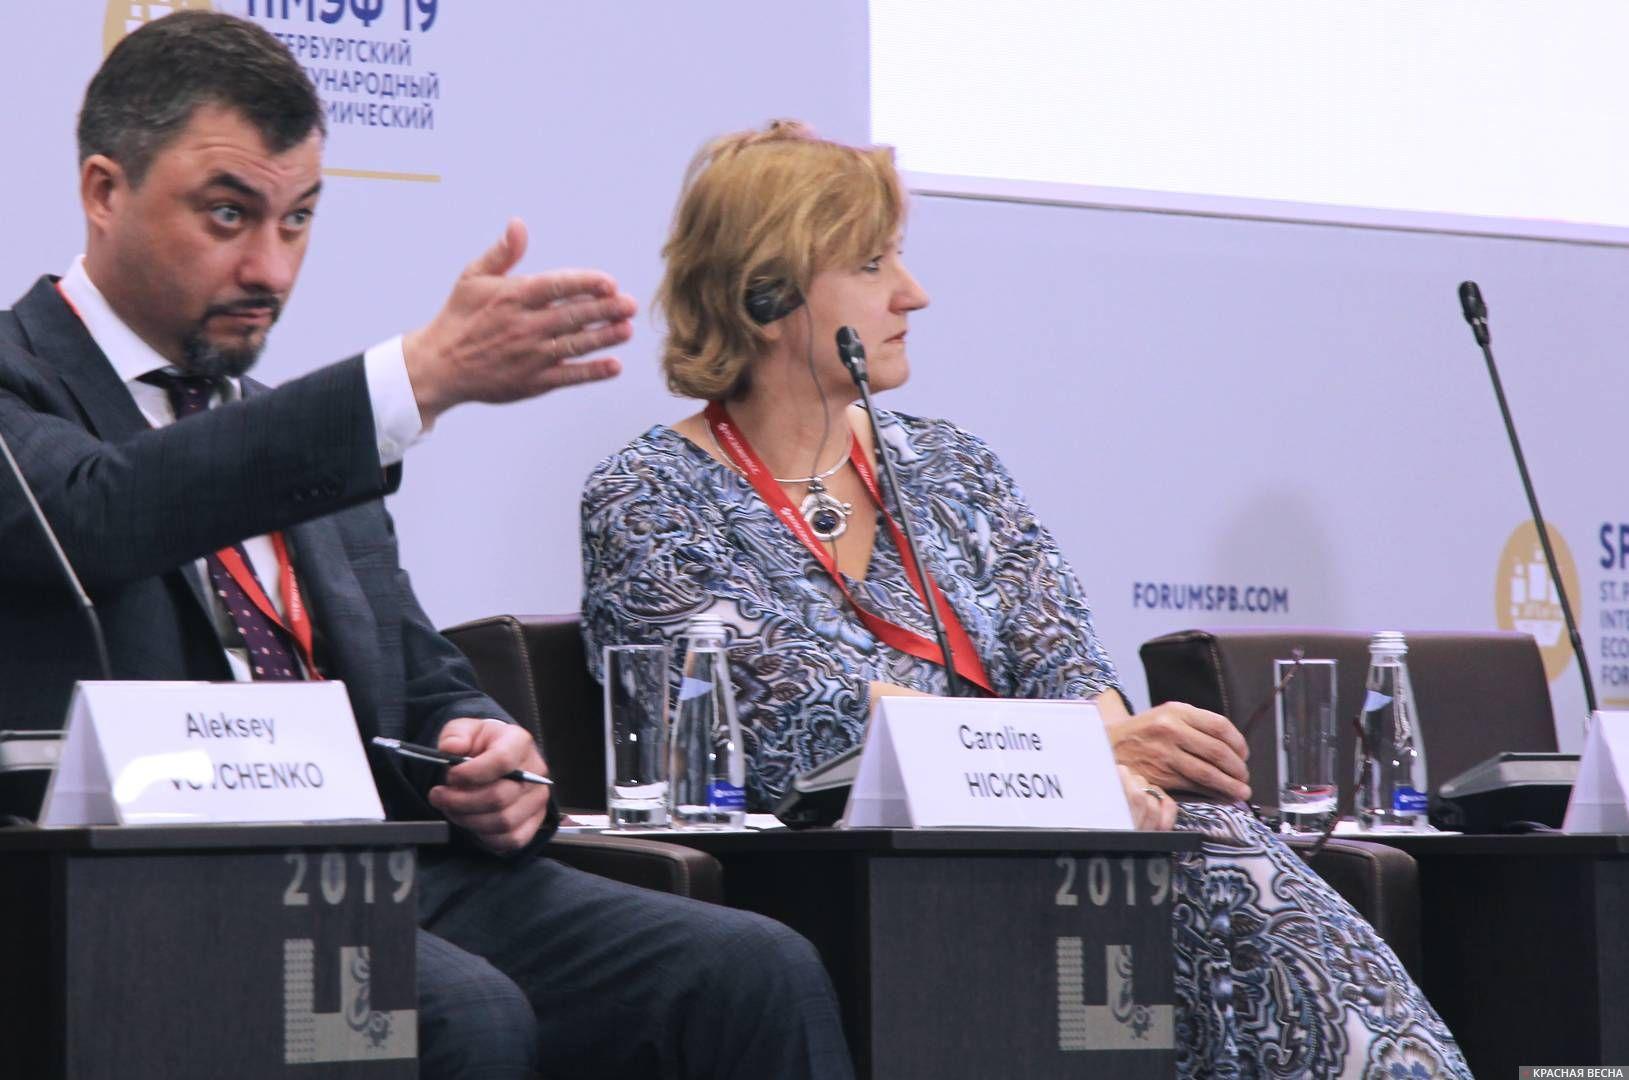 Представитель Минтруда Алексей Вовченко и госпожа Кэролайн Хиксон наставляют участников форума